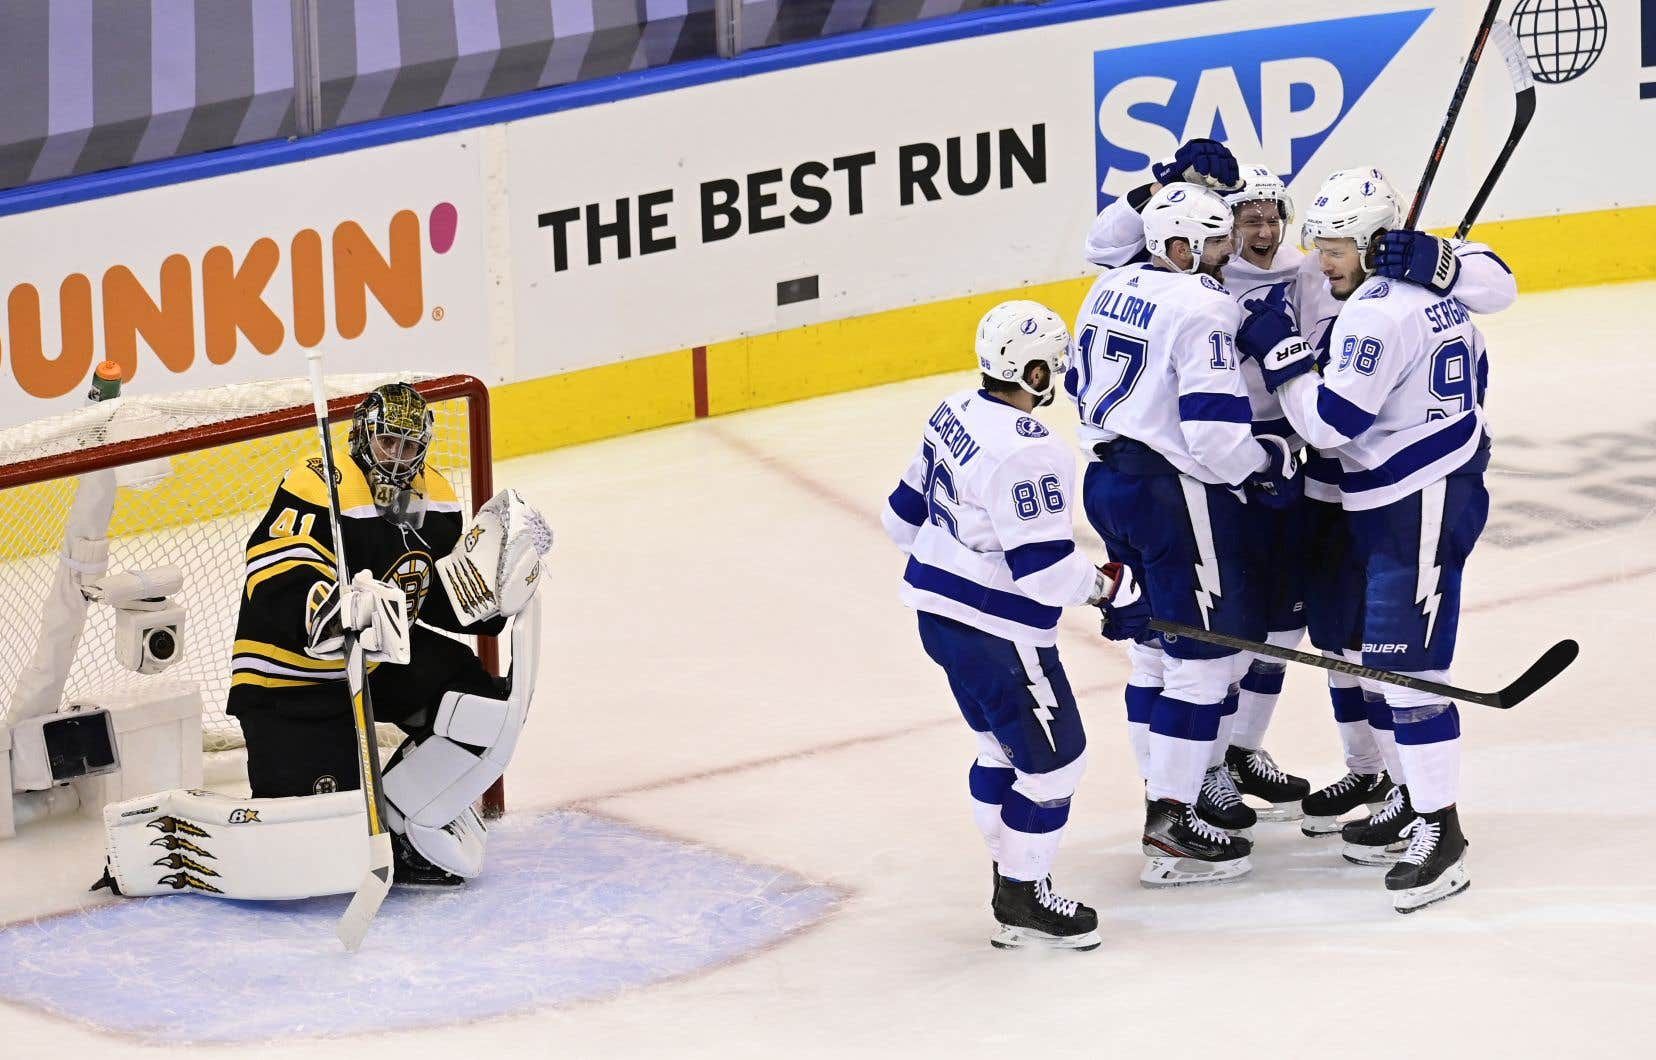 Le Lightning s'est donc donné une avance de 2-1 dans la série au meilleur de sept matchs.